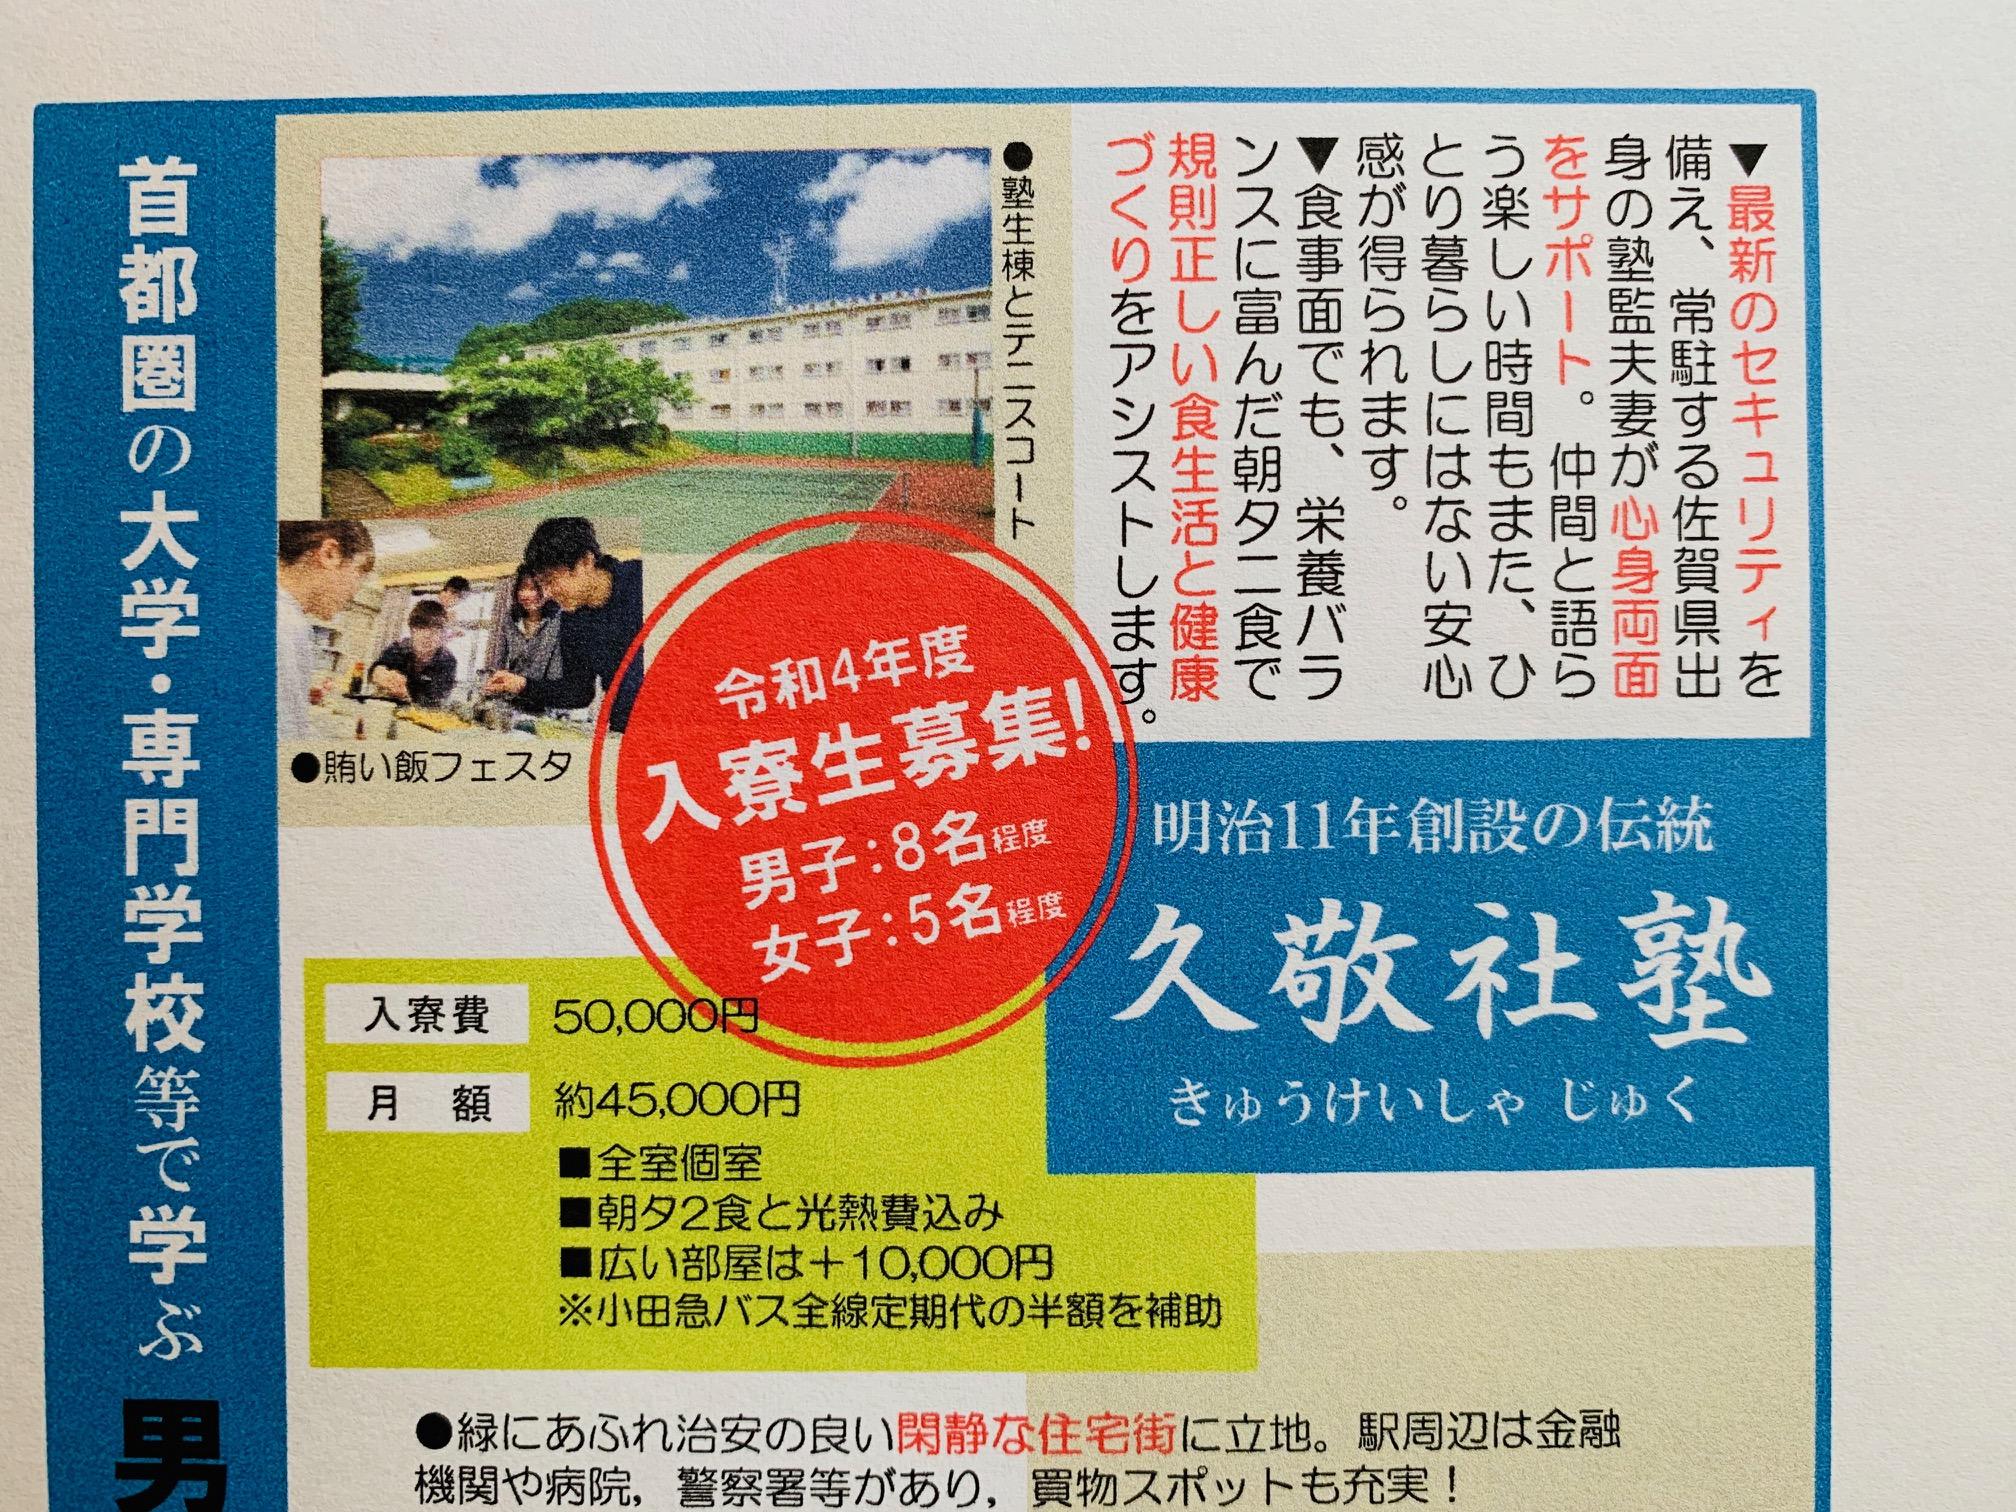 佐賀県高等学校PTA新聞に募集広告が掲載されました